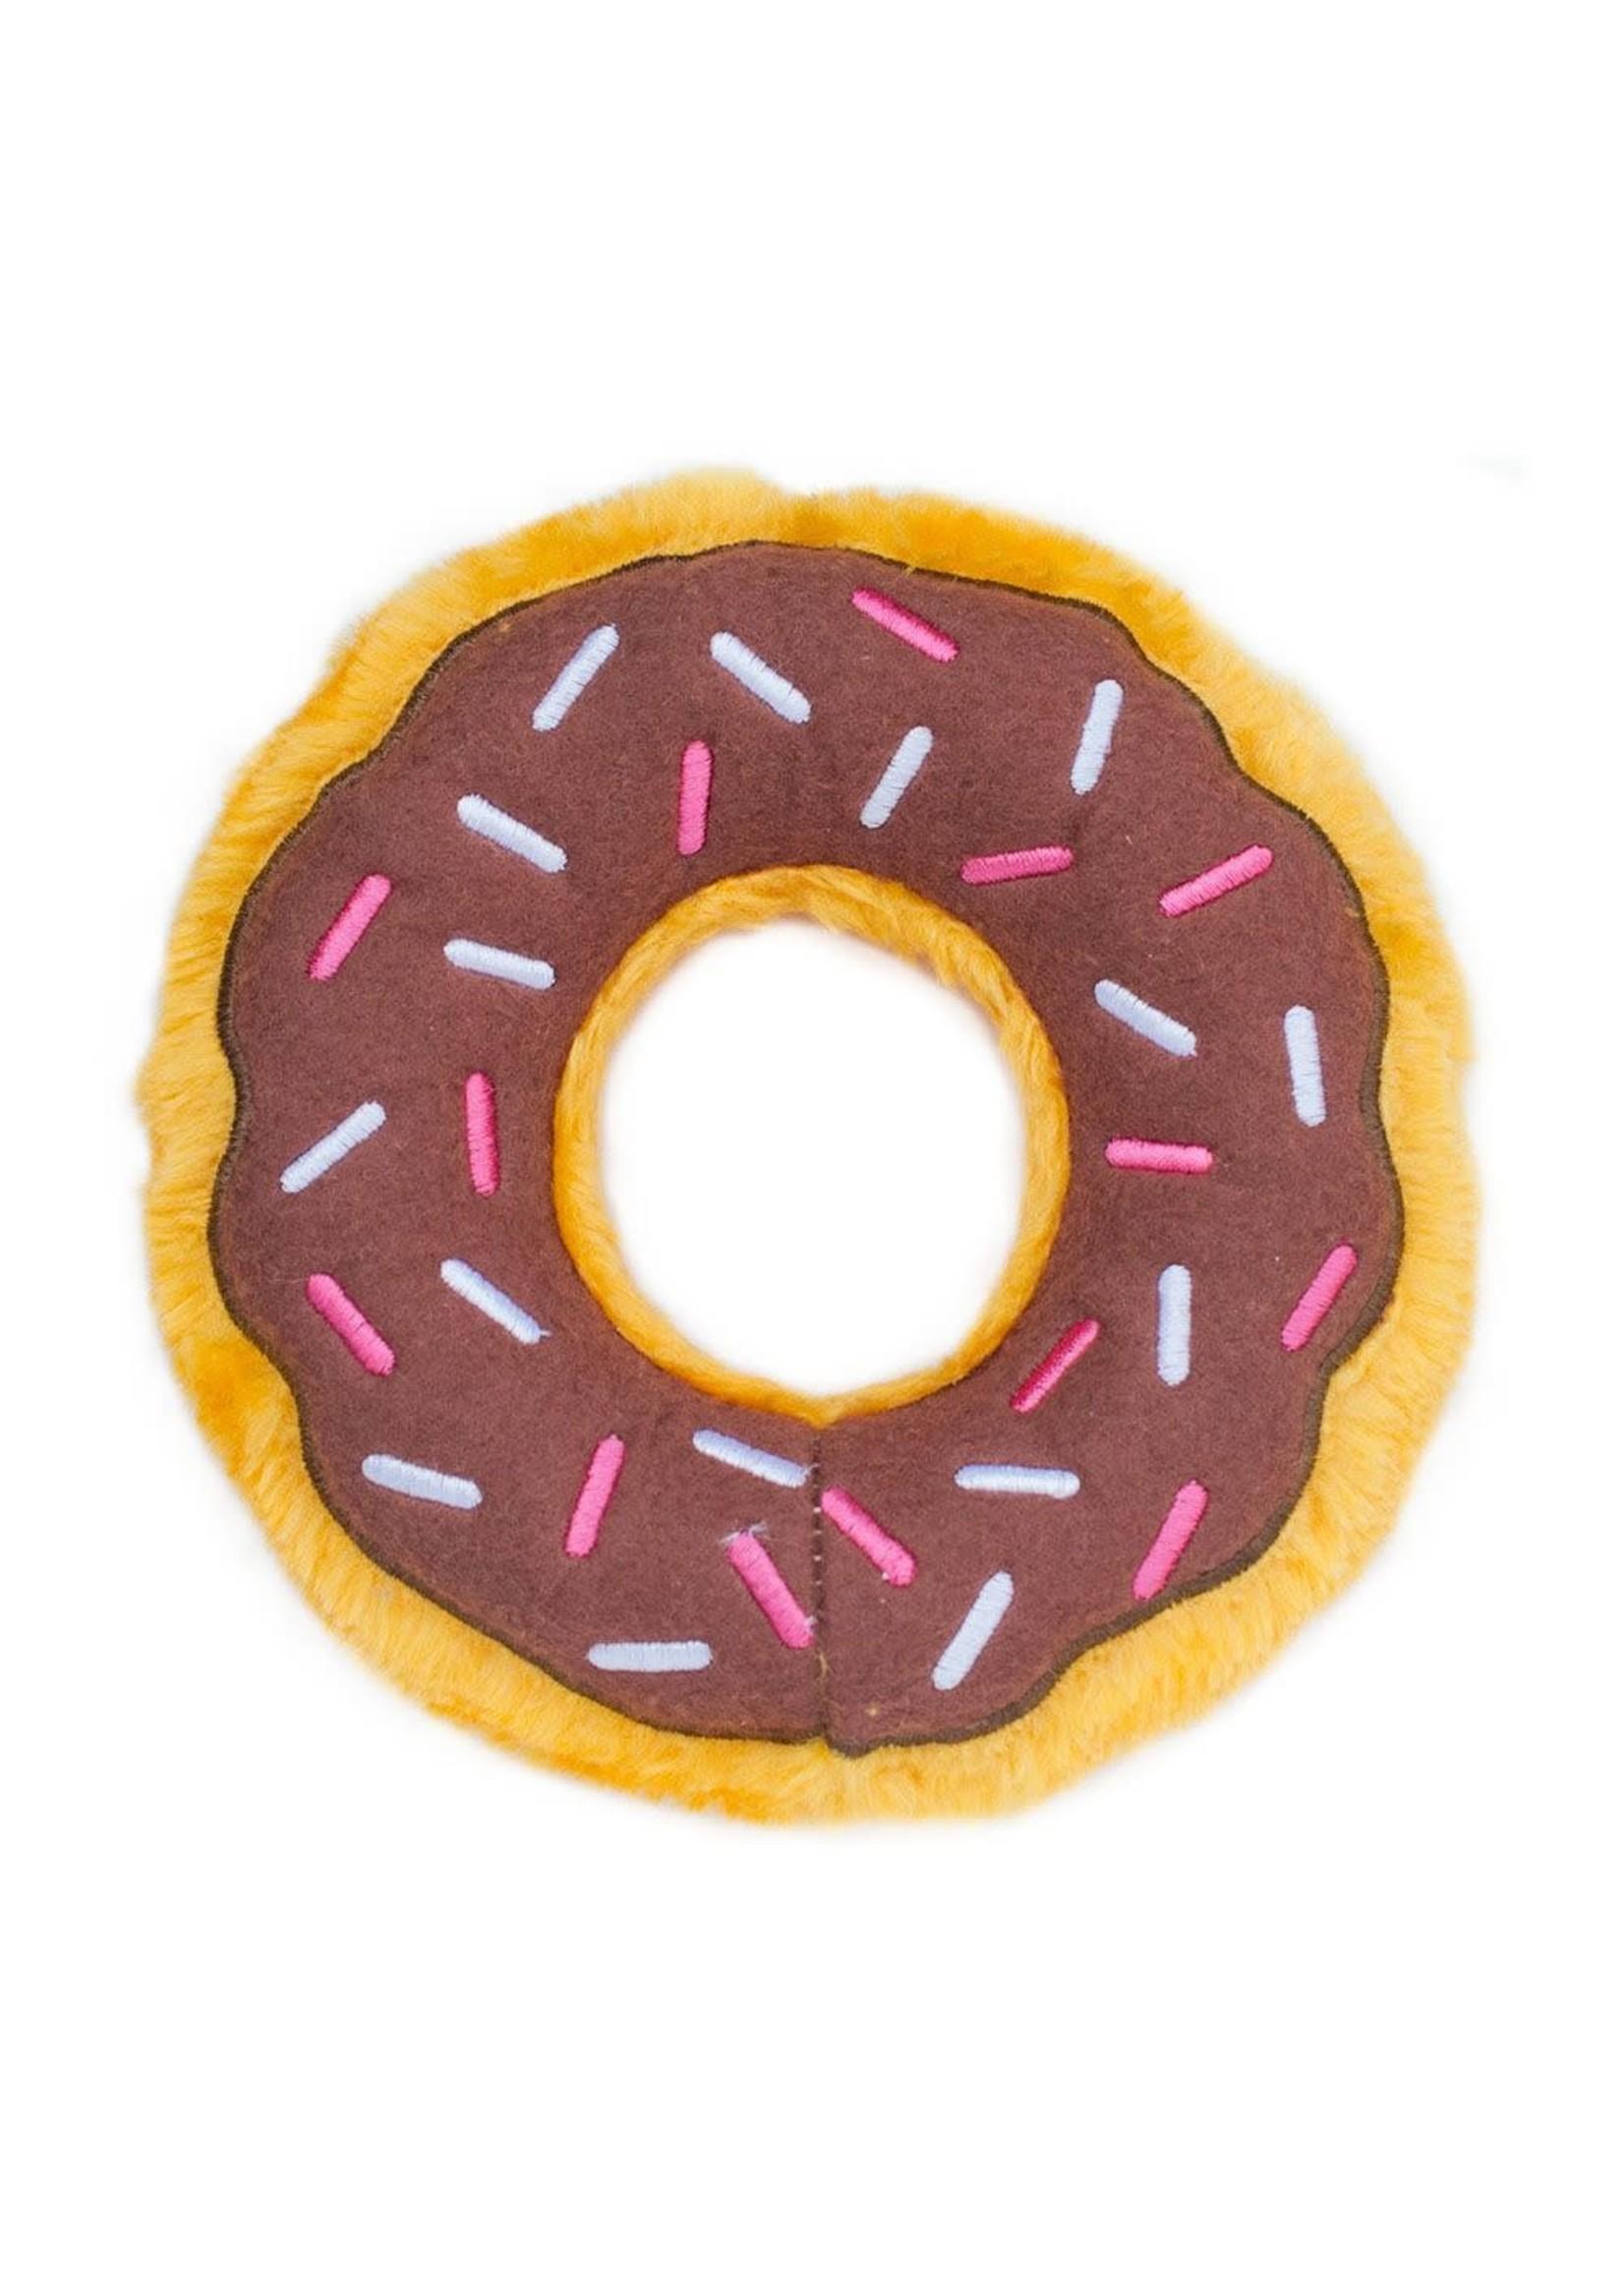 Zippy Chocolate Donut